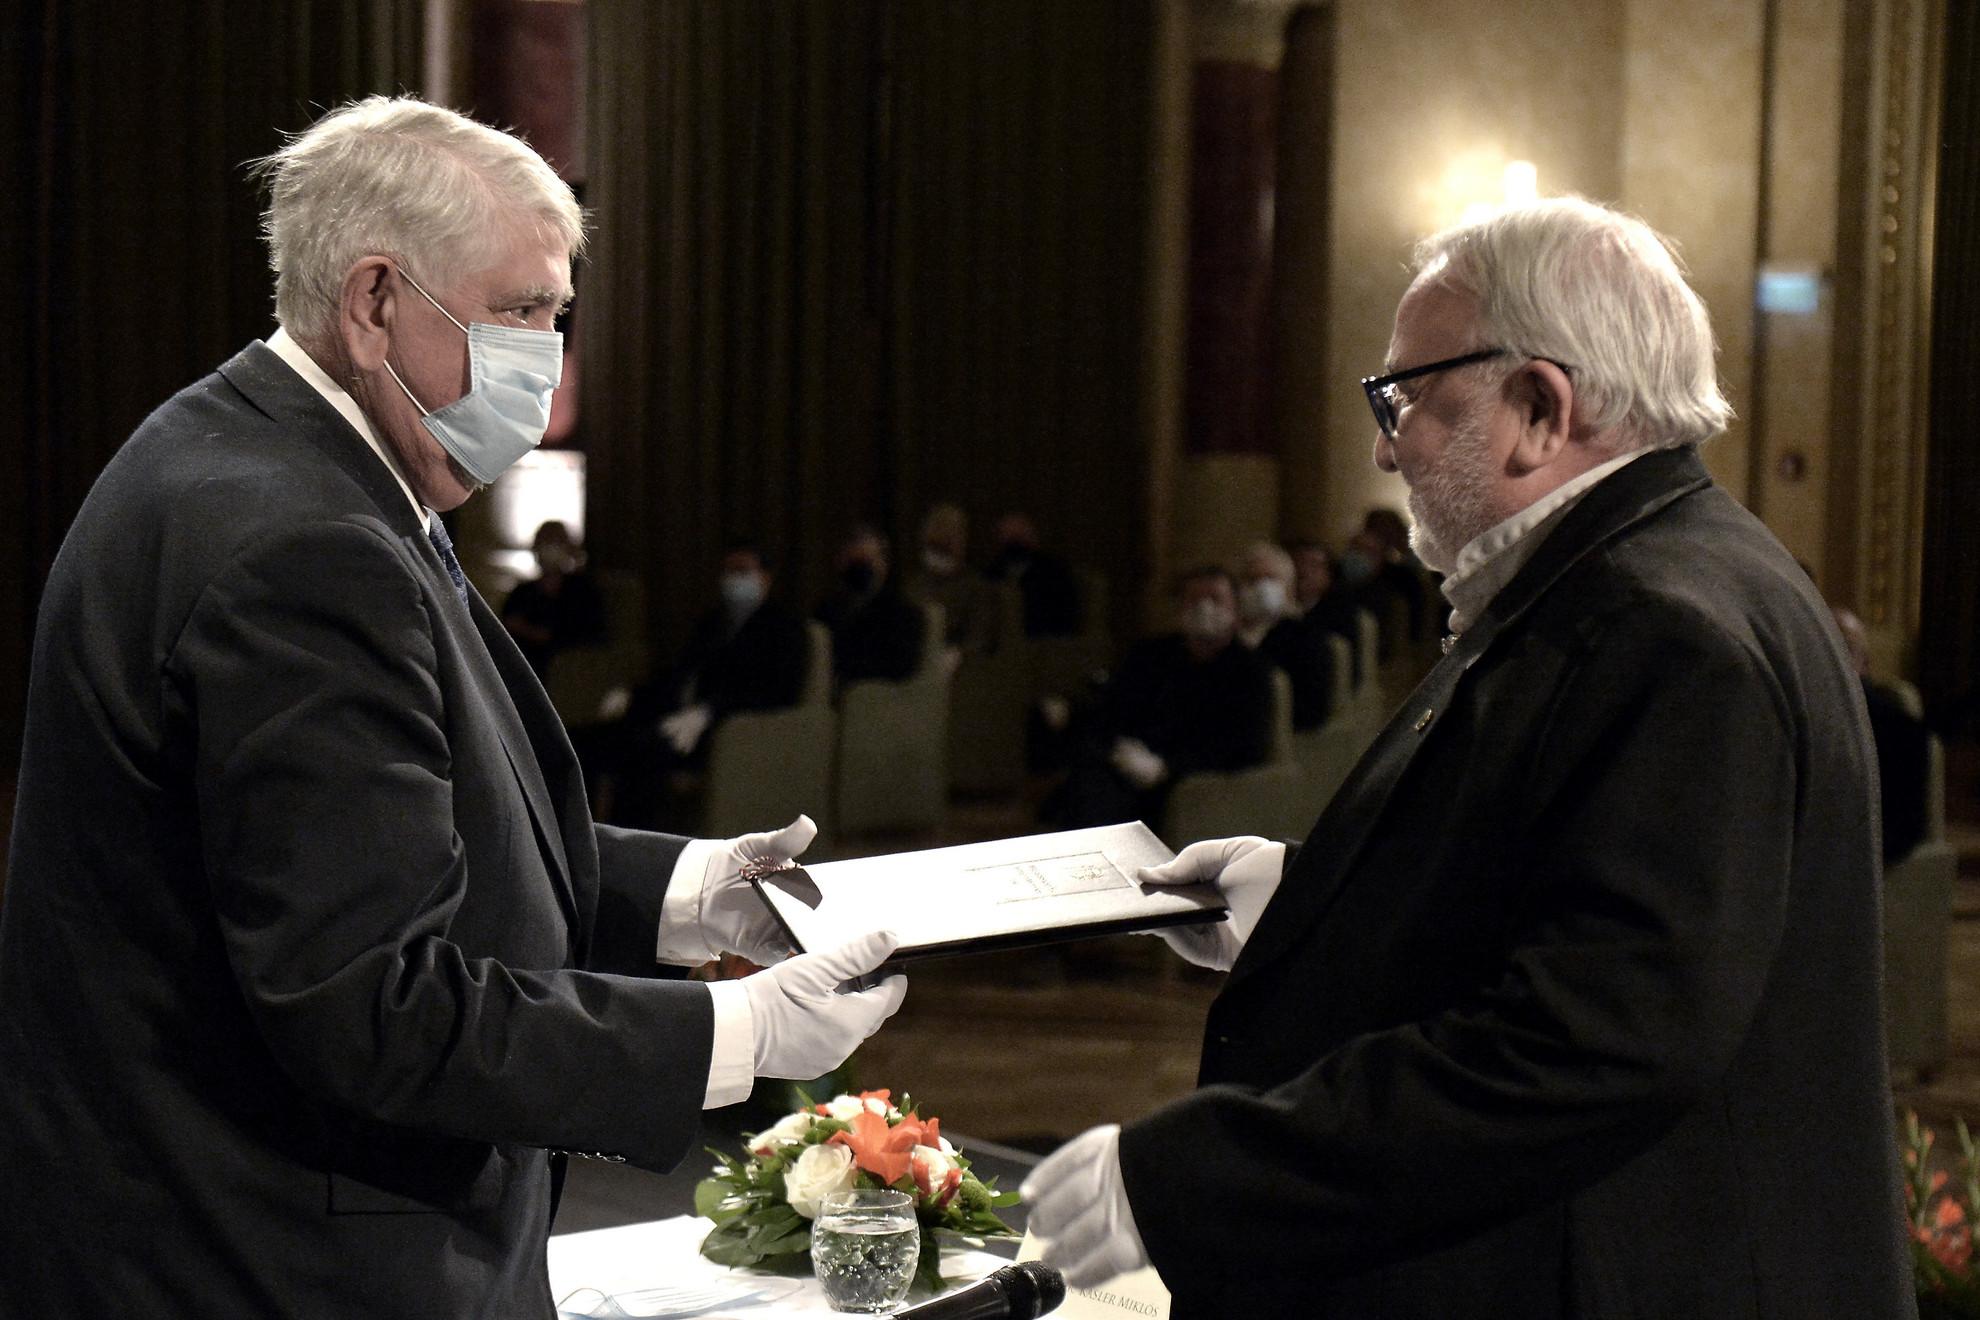 Kásler Miklós, az emberi erőforrások minisztere (b) átadja Magyarország Kiváló Művésze díjat Mikó István Jászai Mari-díjas színművésznek, rendezőnek a Pesti Vigadóban 2021. június 14-én